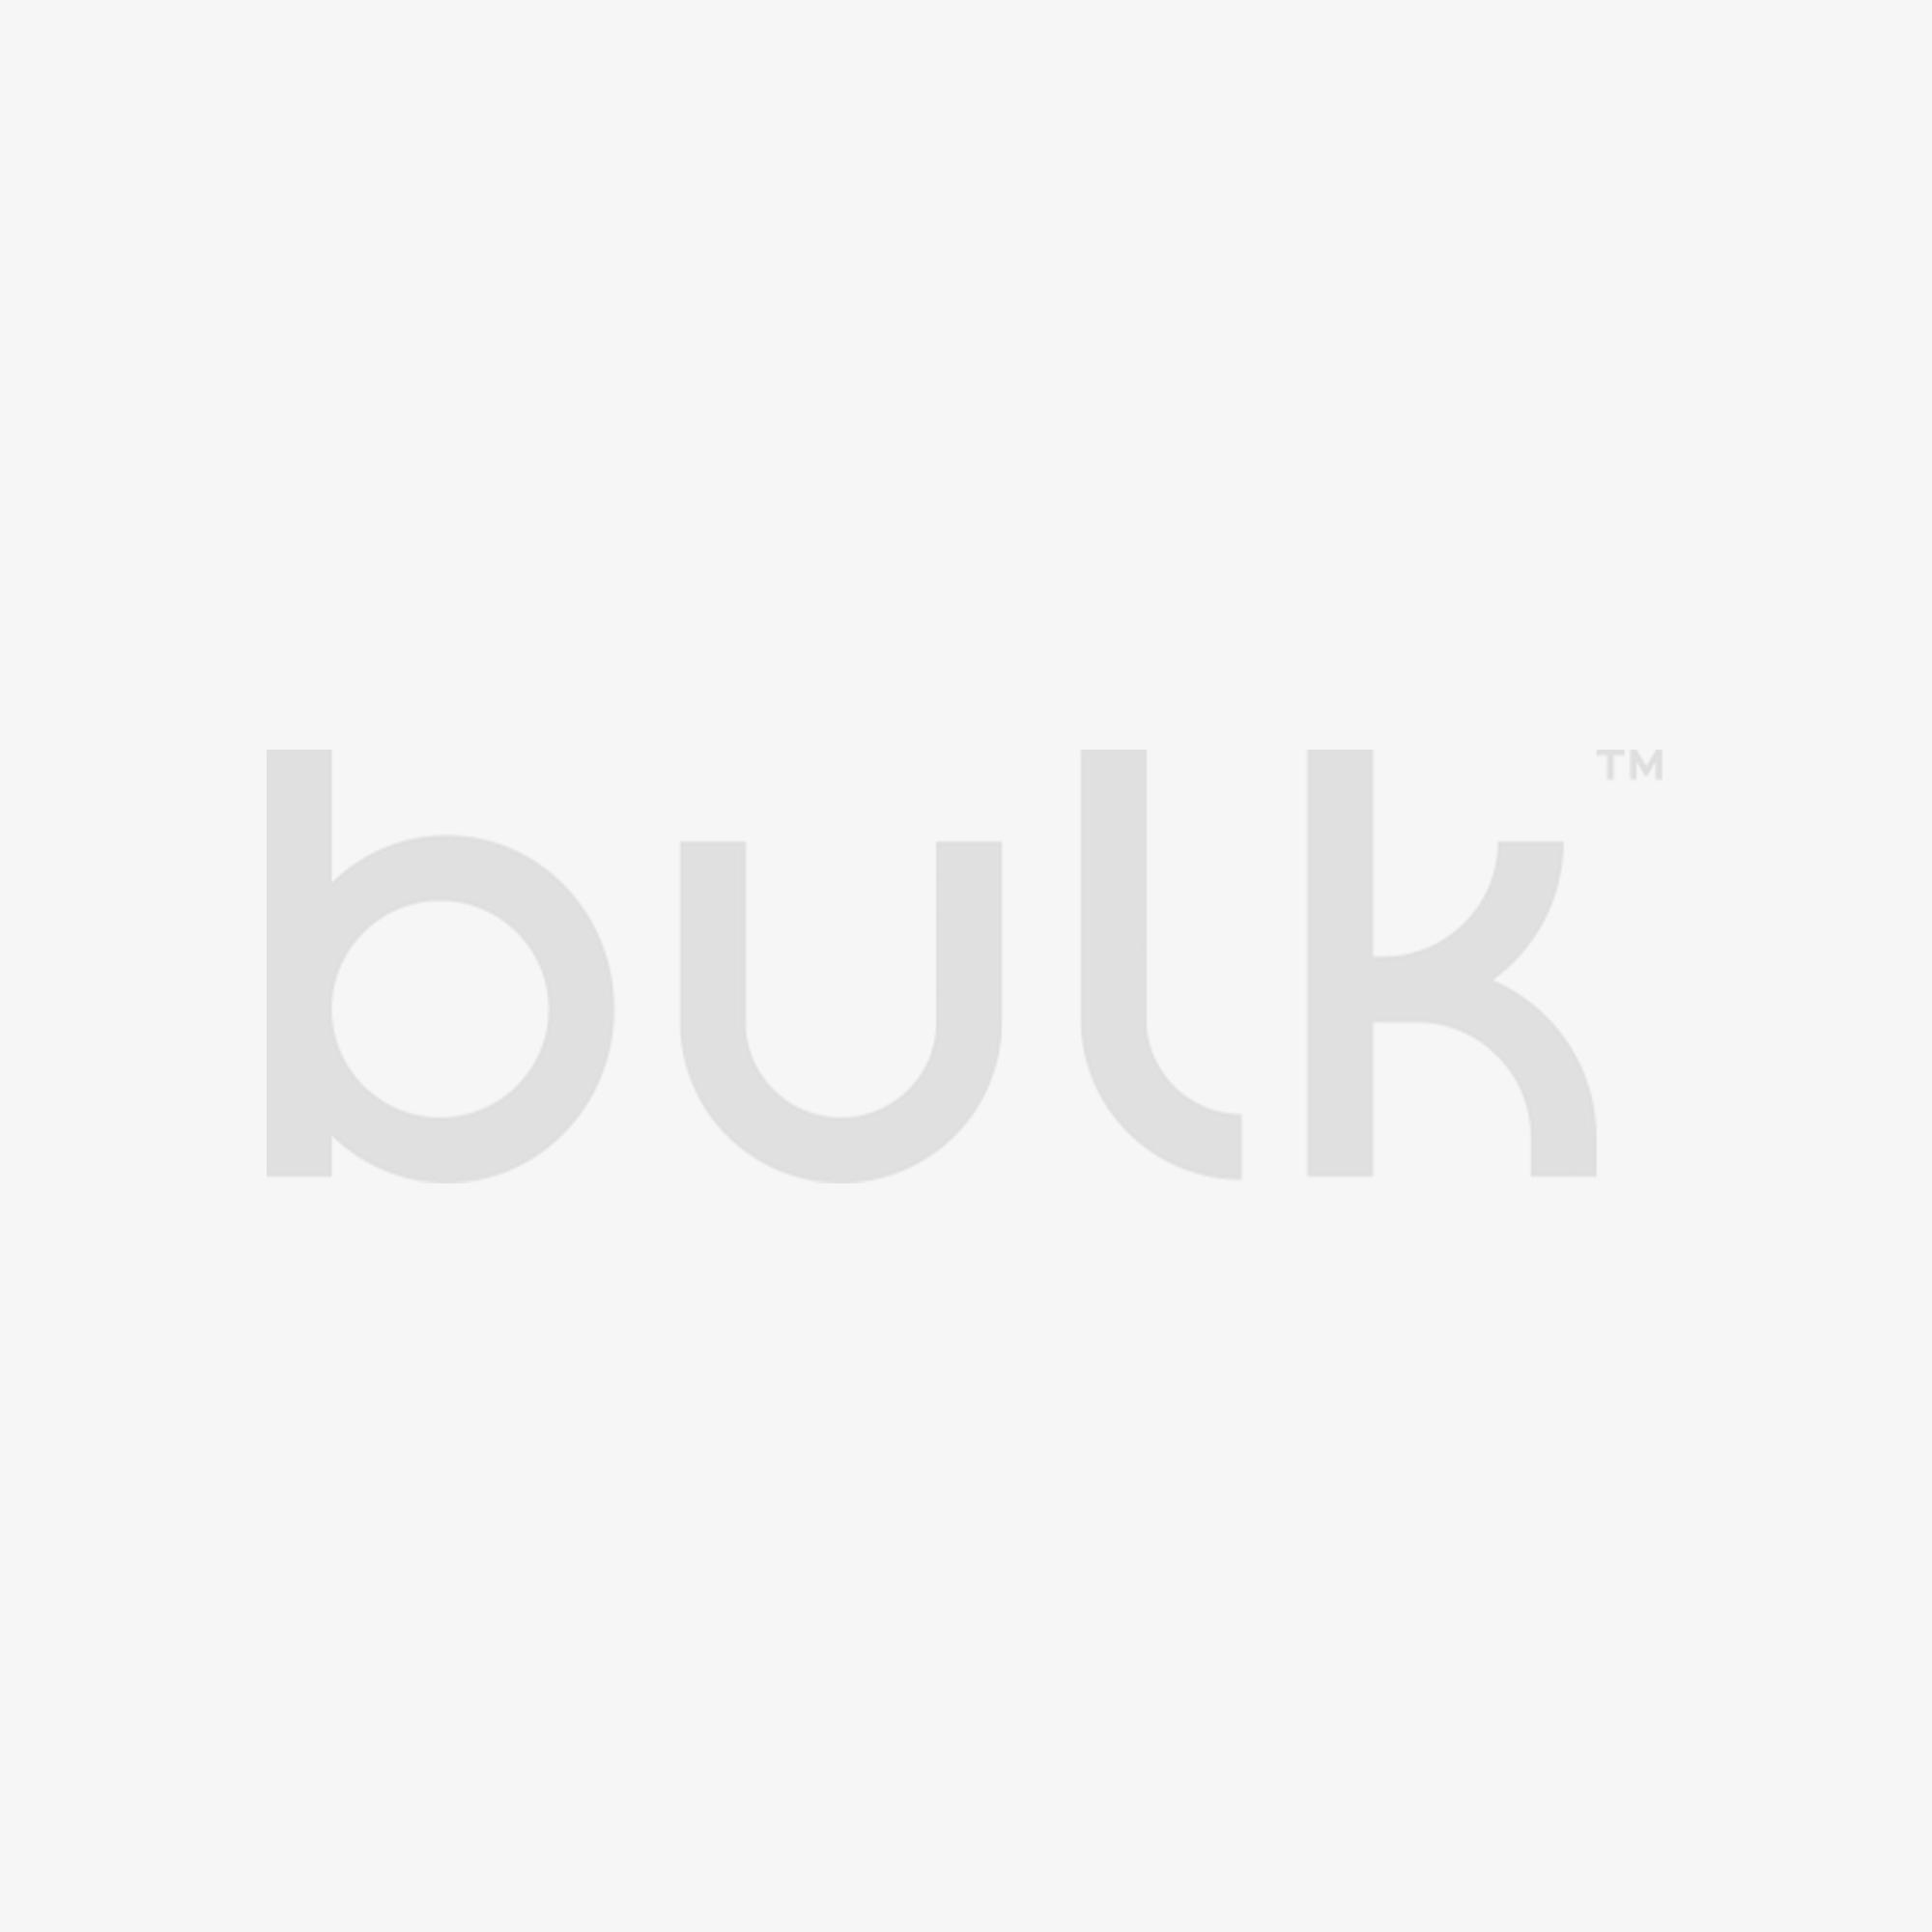 Cinturón de Musculación BULK POWDERS™